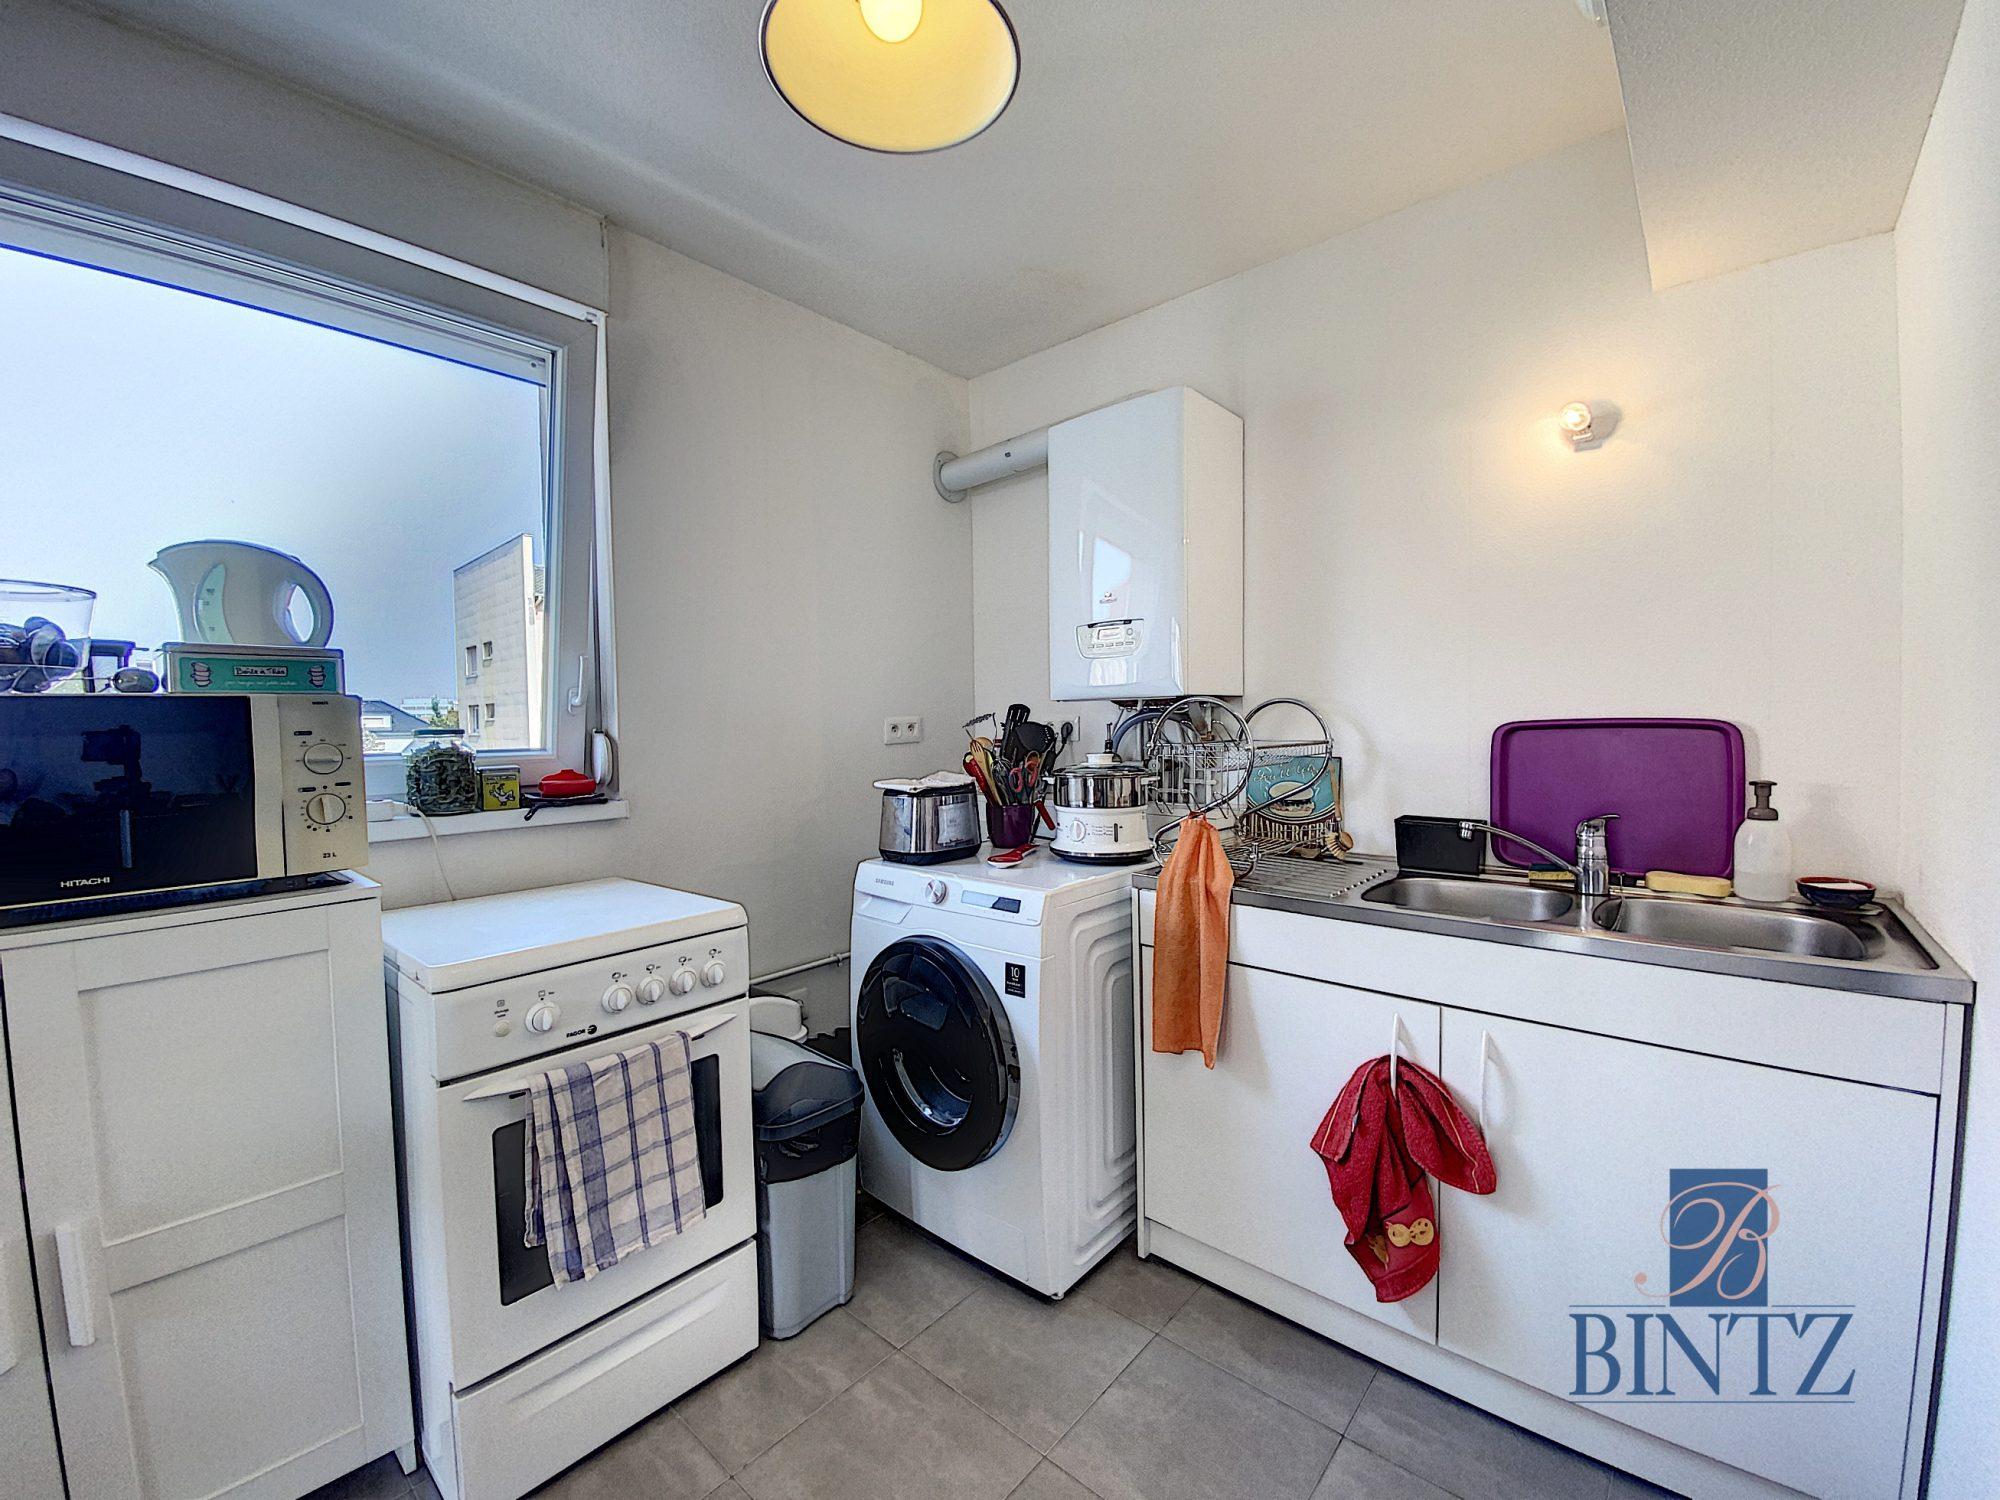 3 pièces neuf avec terrasse Schiltigheim - Devenez propriétaire en toute confiance - Bintz Immobilier - 19